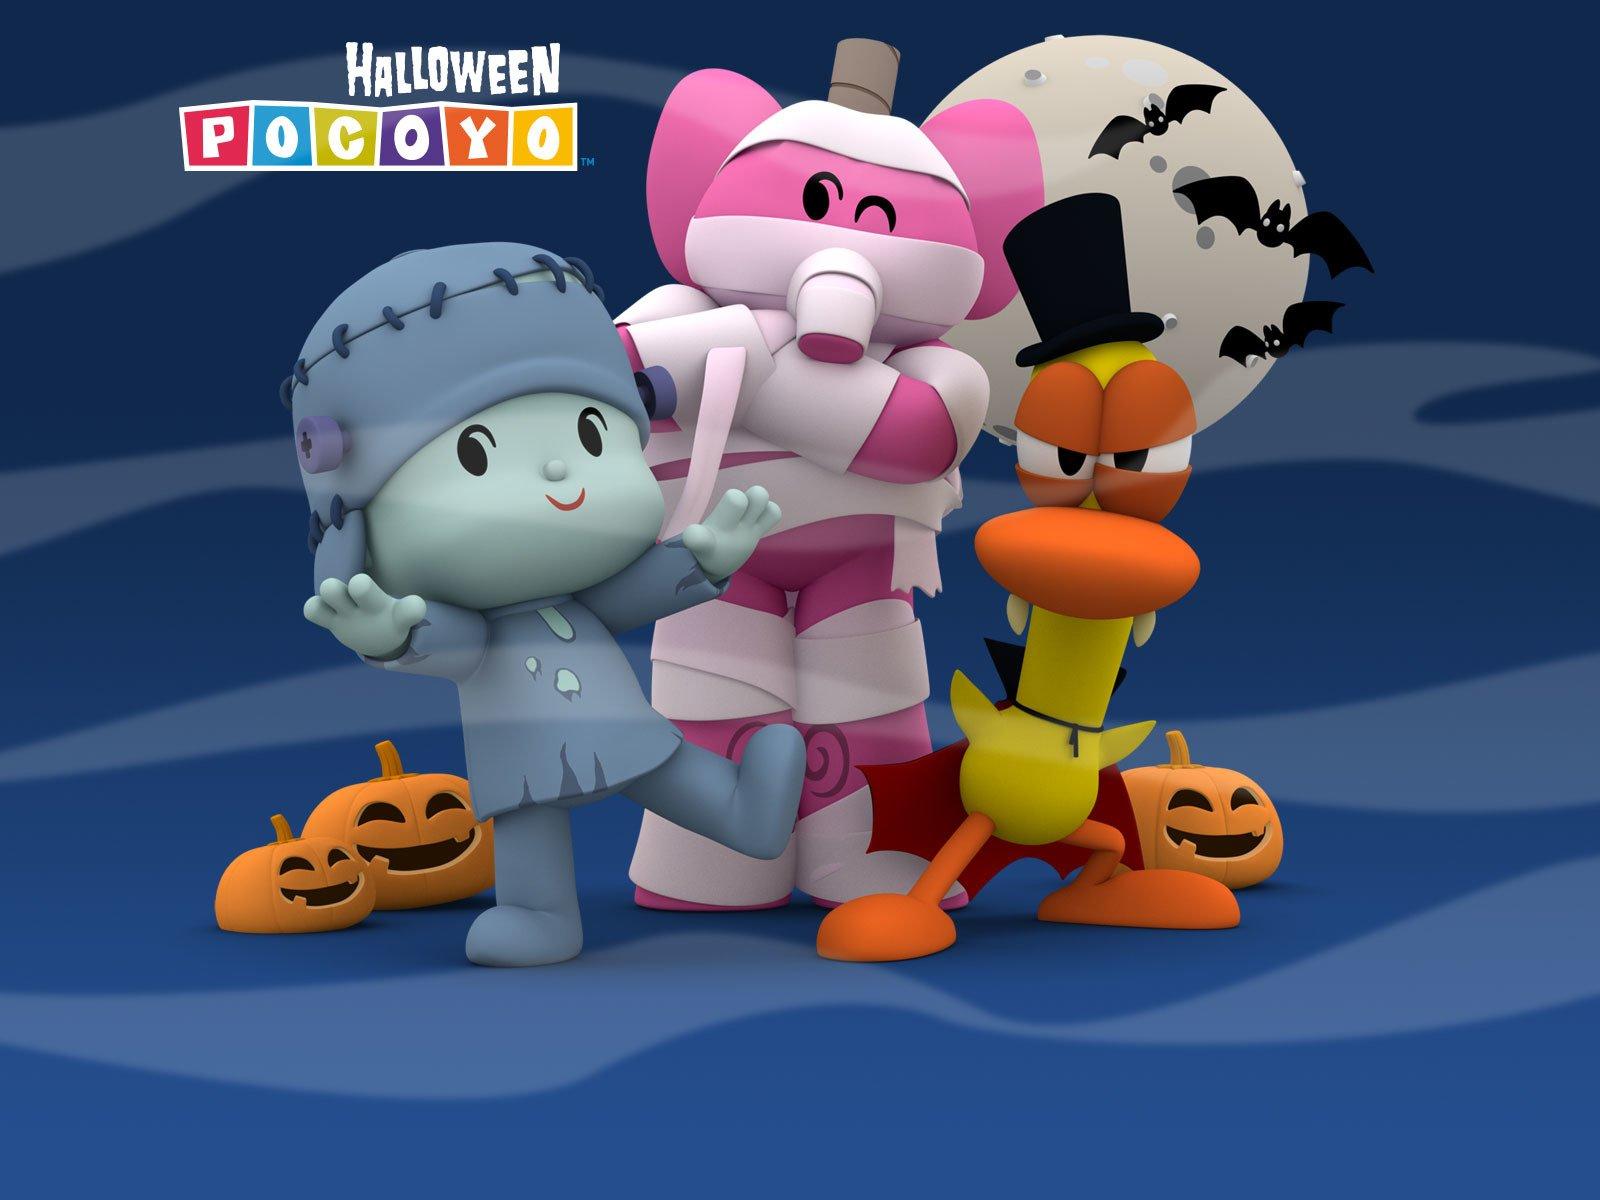 Pocoyo Halloween